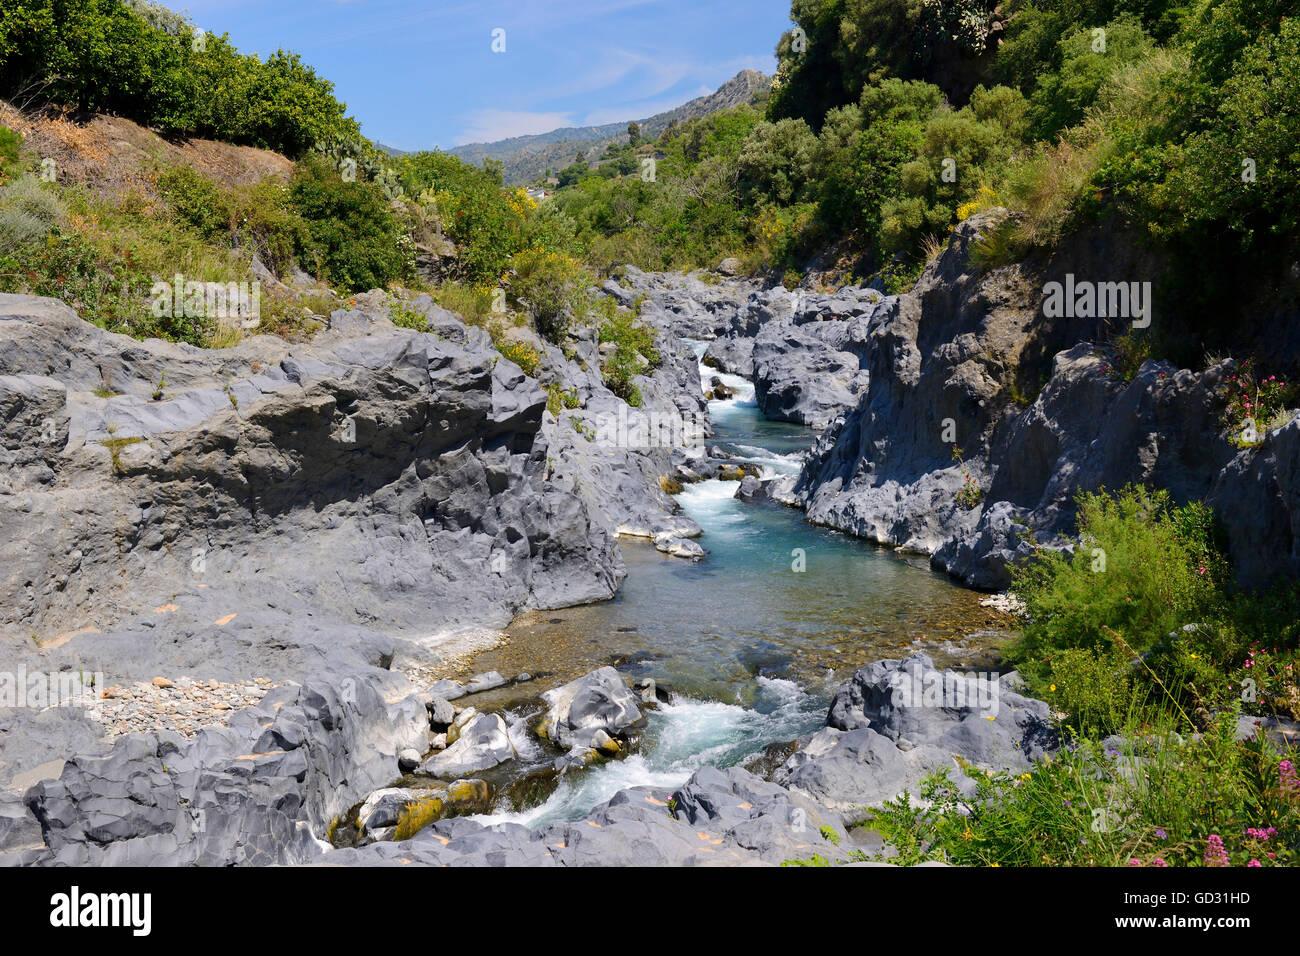 Alcantara Gorge (Gole Alcantara), Sicily, Italy - Stock Image